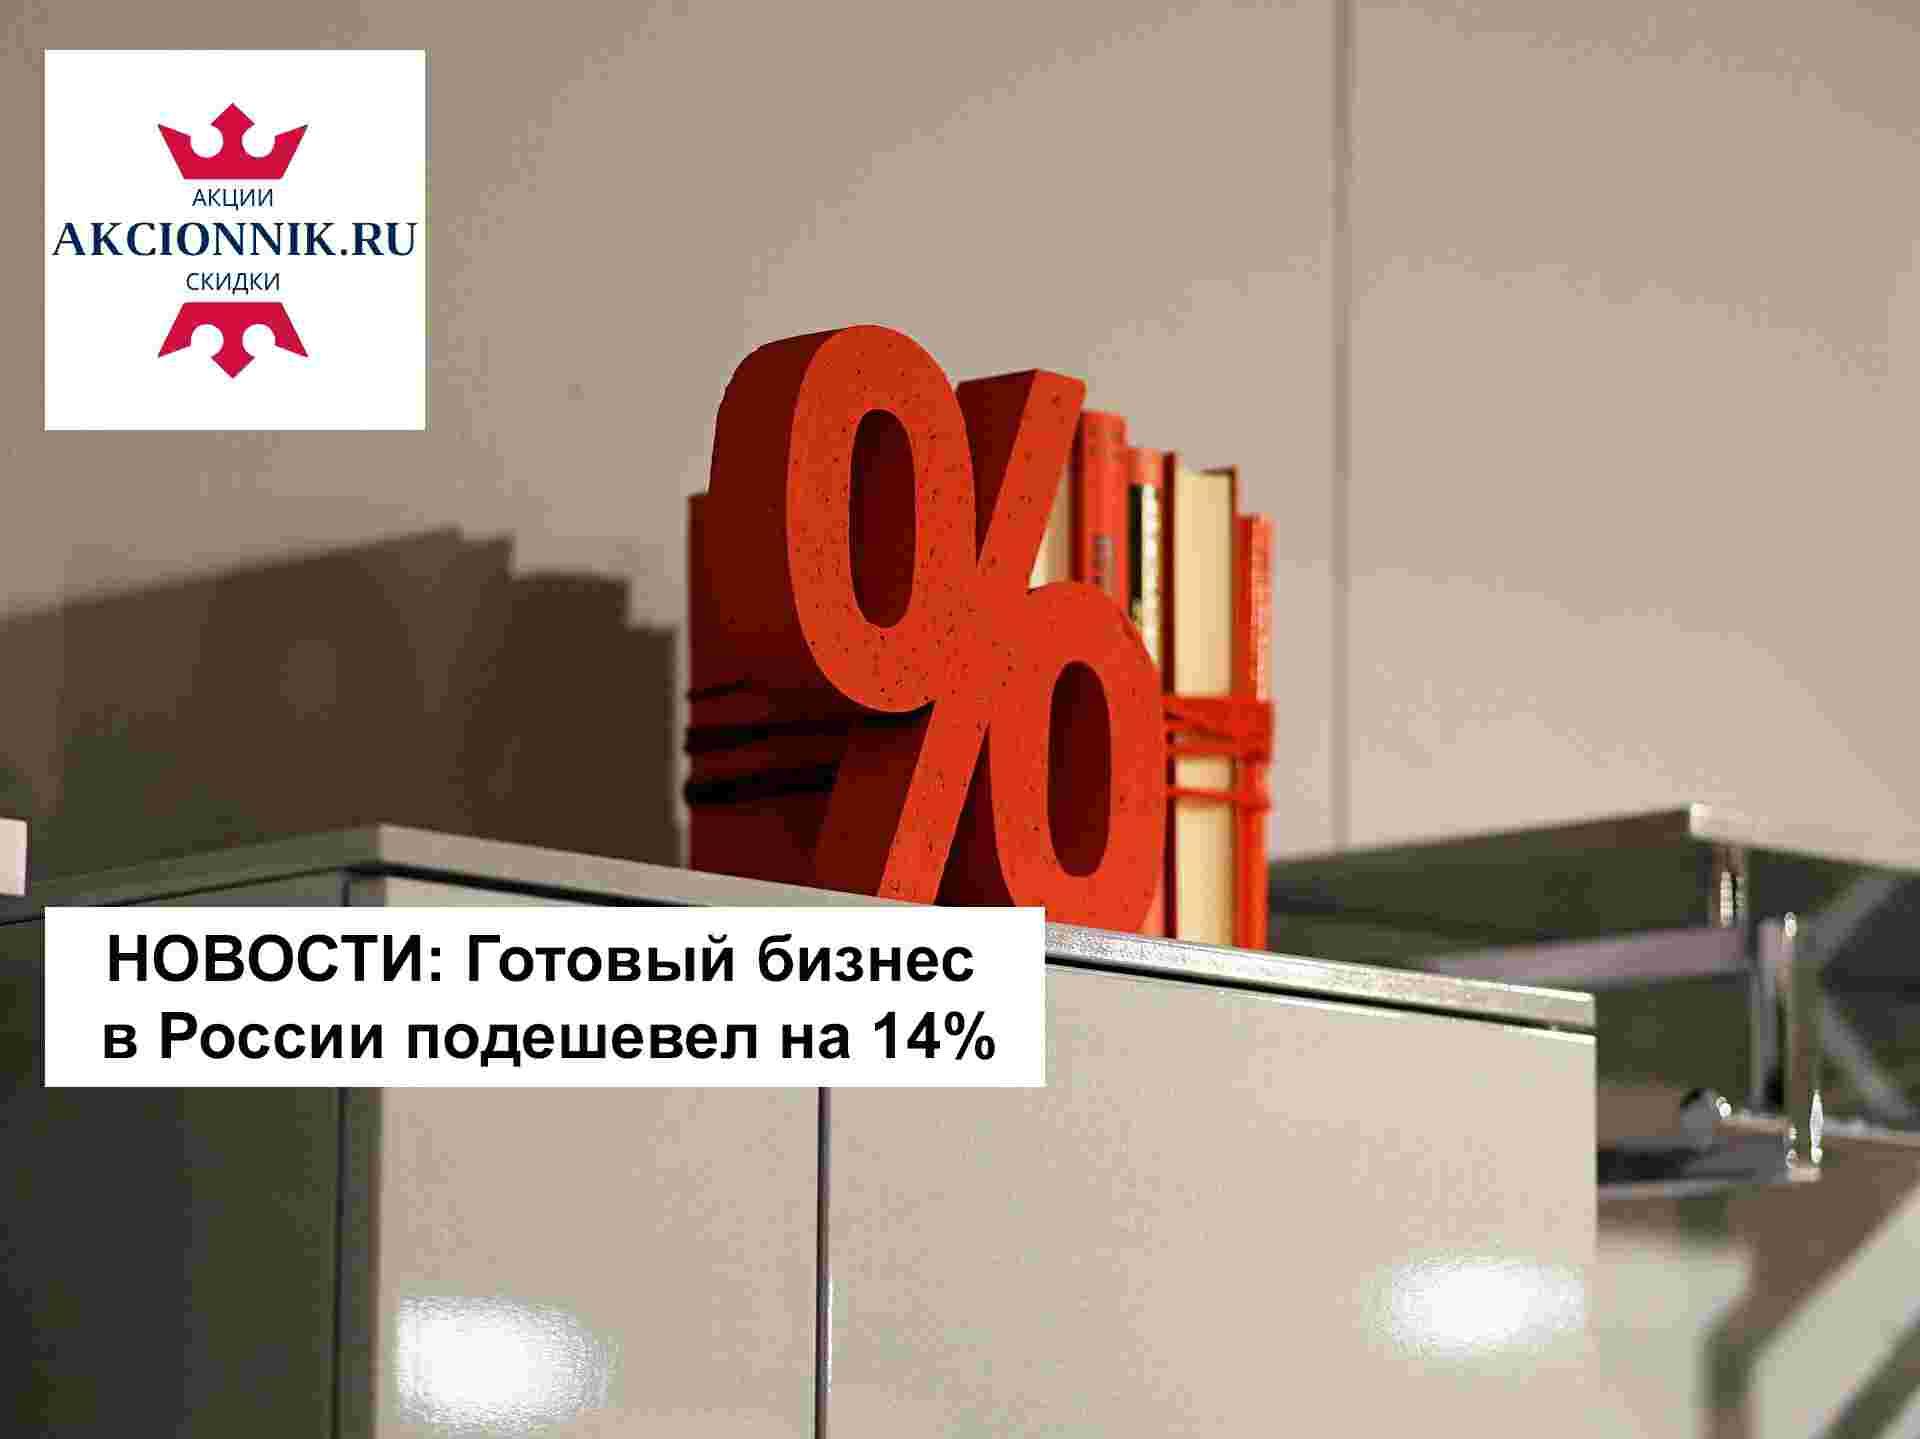 Готовый бизнес в России подешевел на 14%